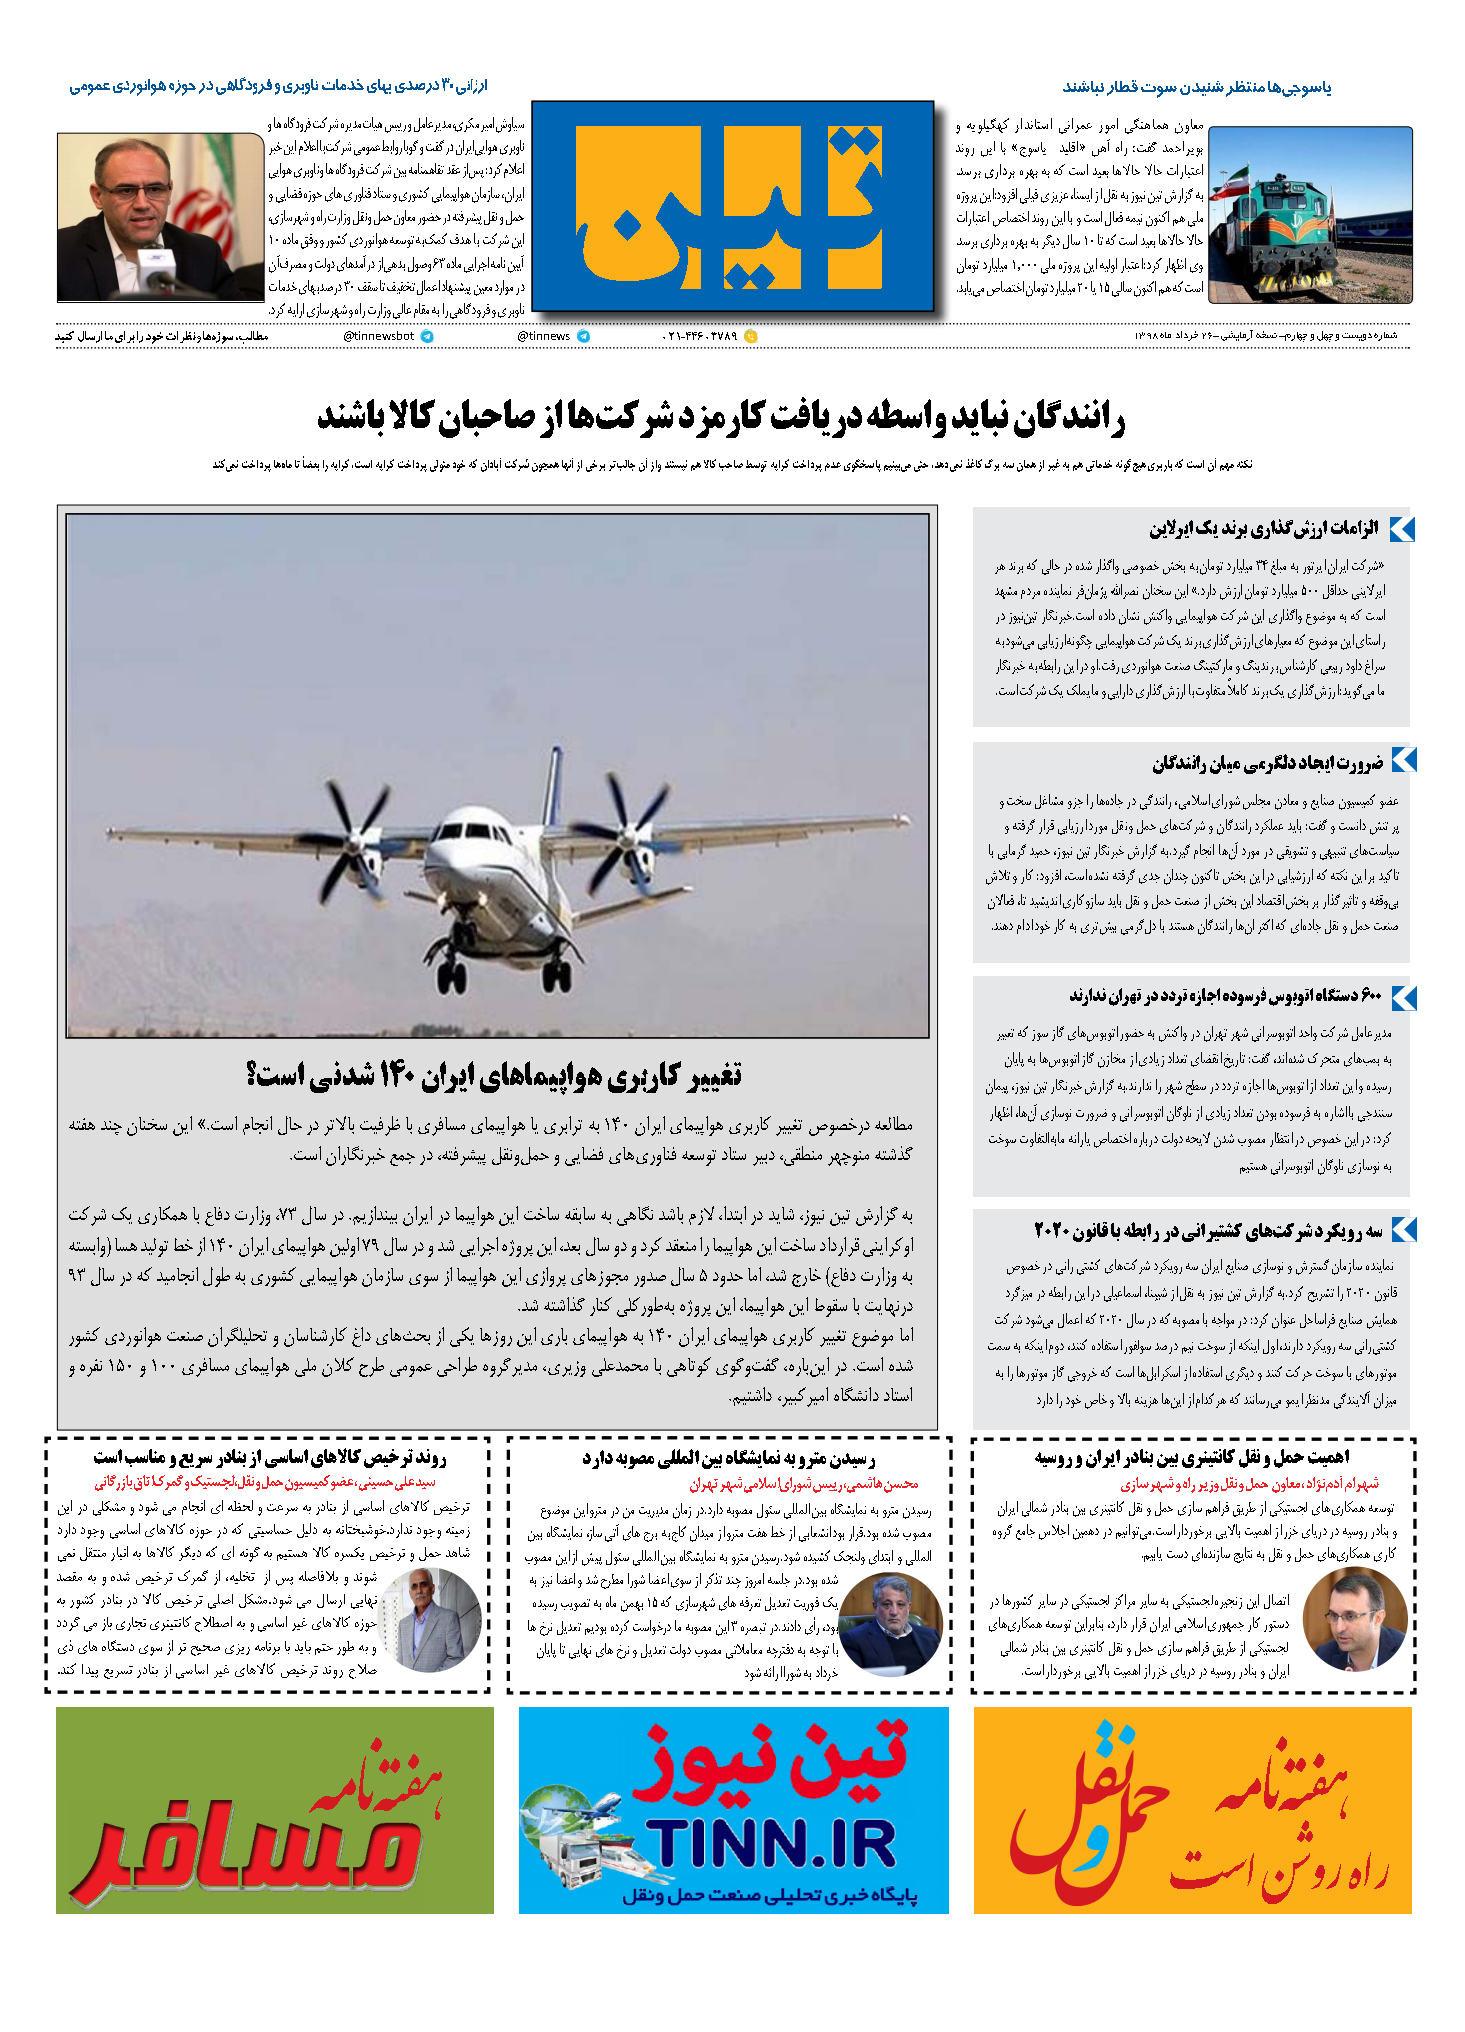 روزنامه الکترونیک 26 خرداد ماه 98